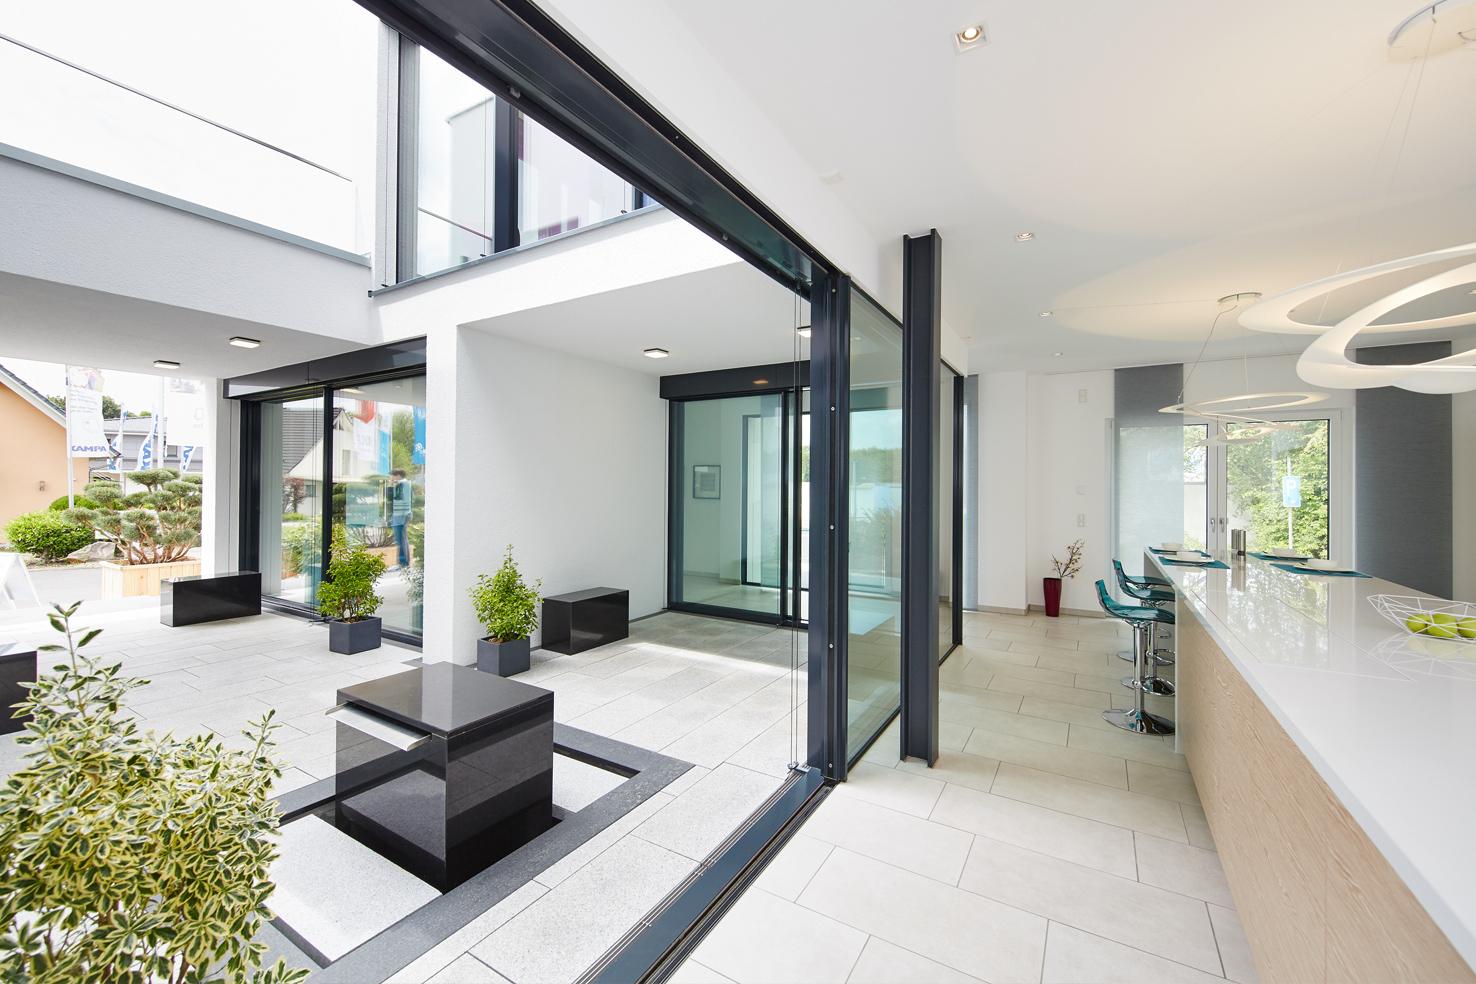 Musterhaus inneneinrichtung bad for Moderne inneneinrichtung haus